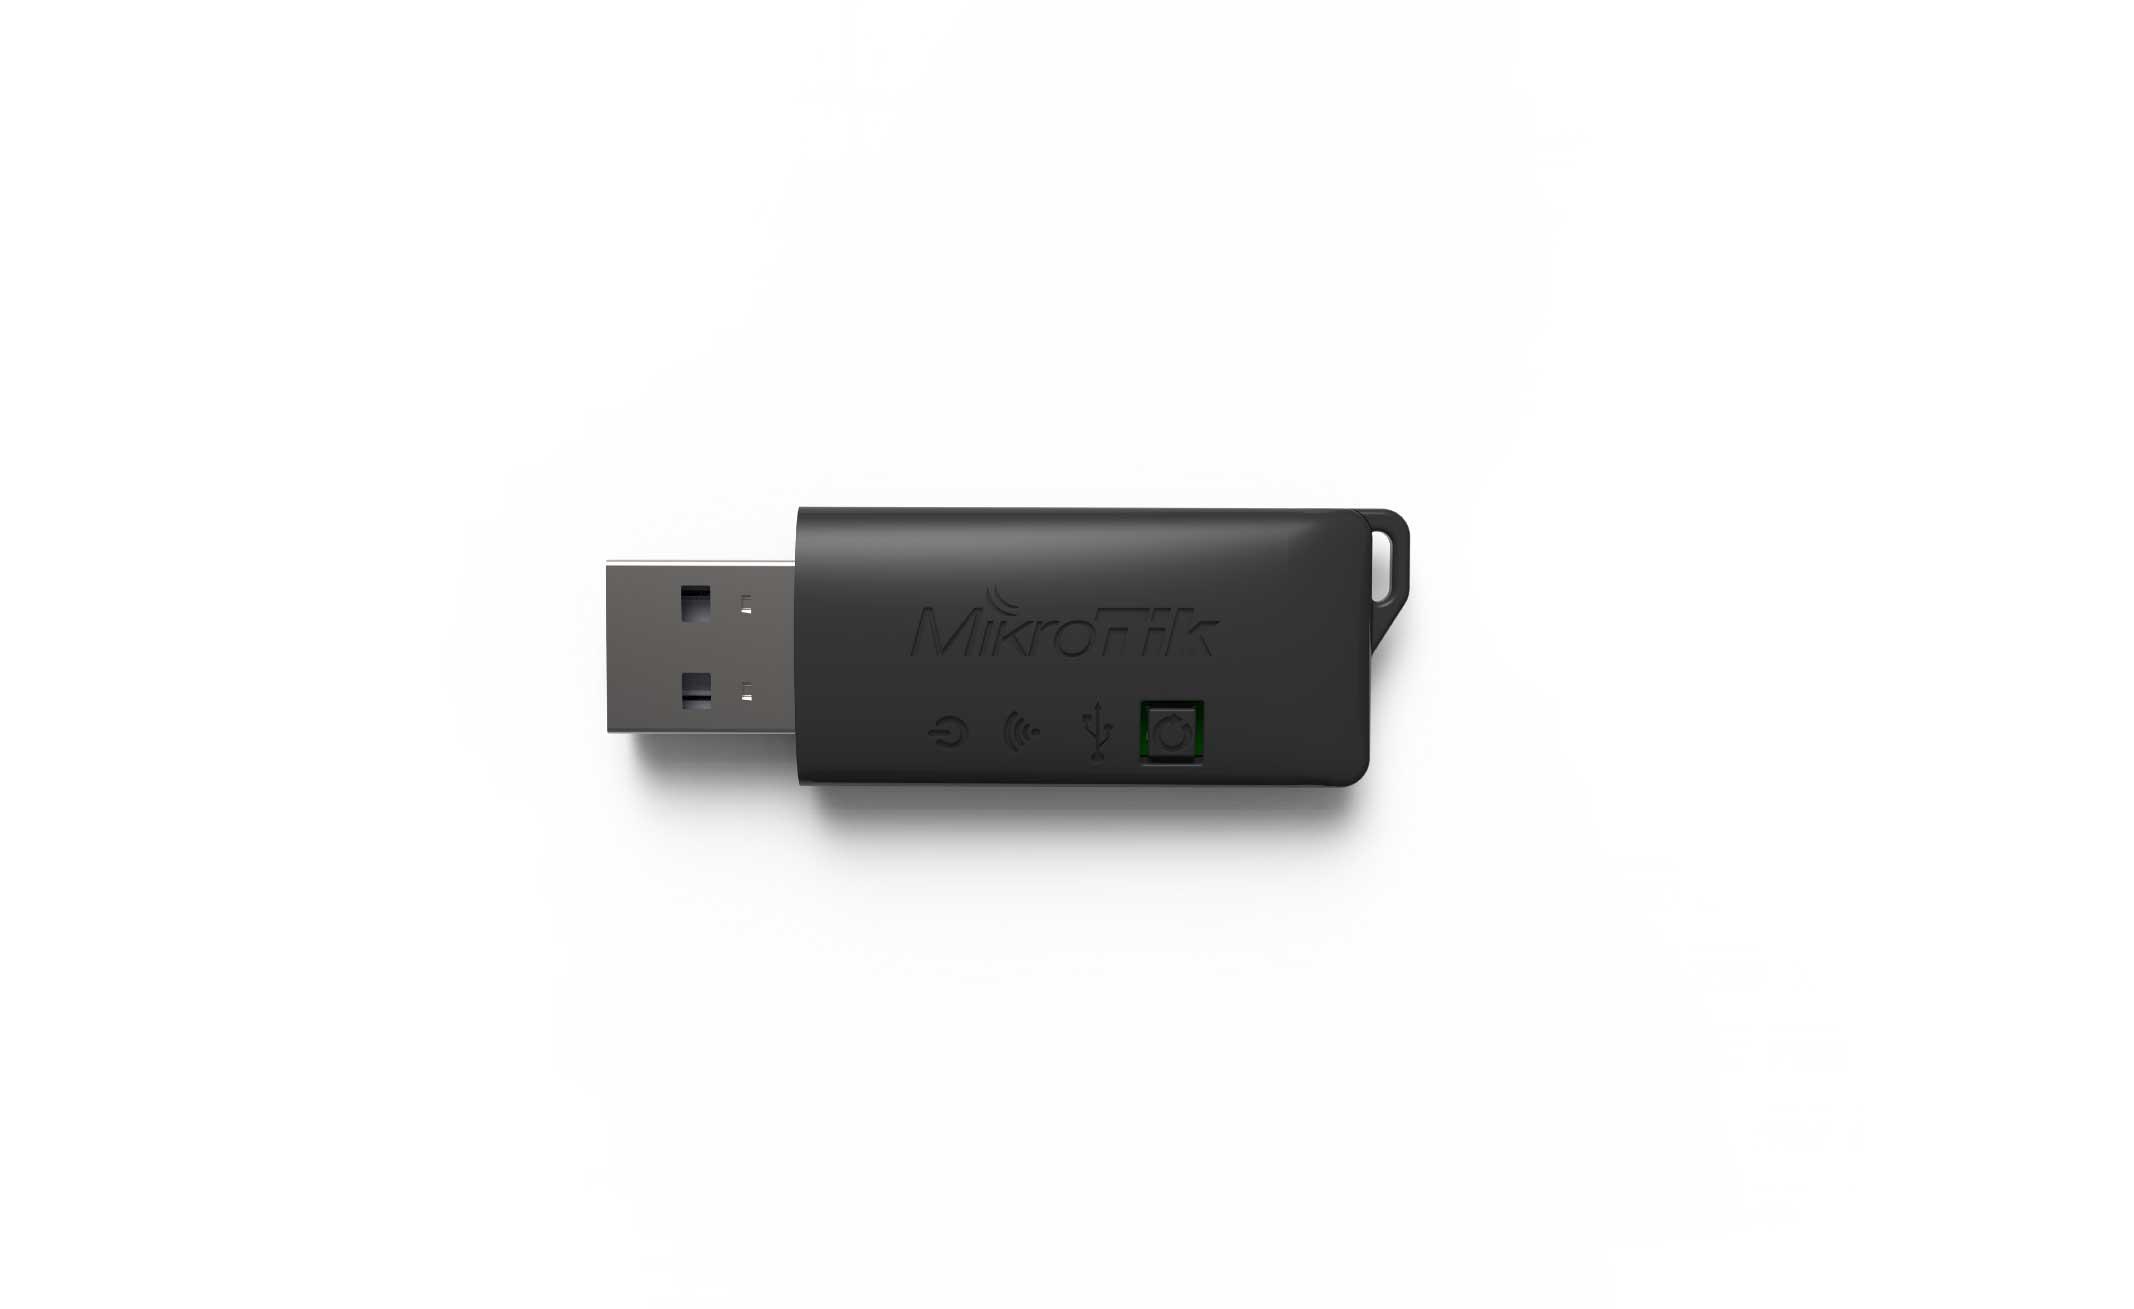 USB-адаптер Woobm